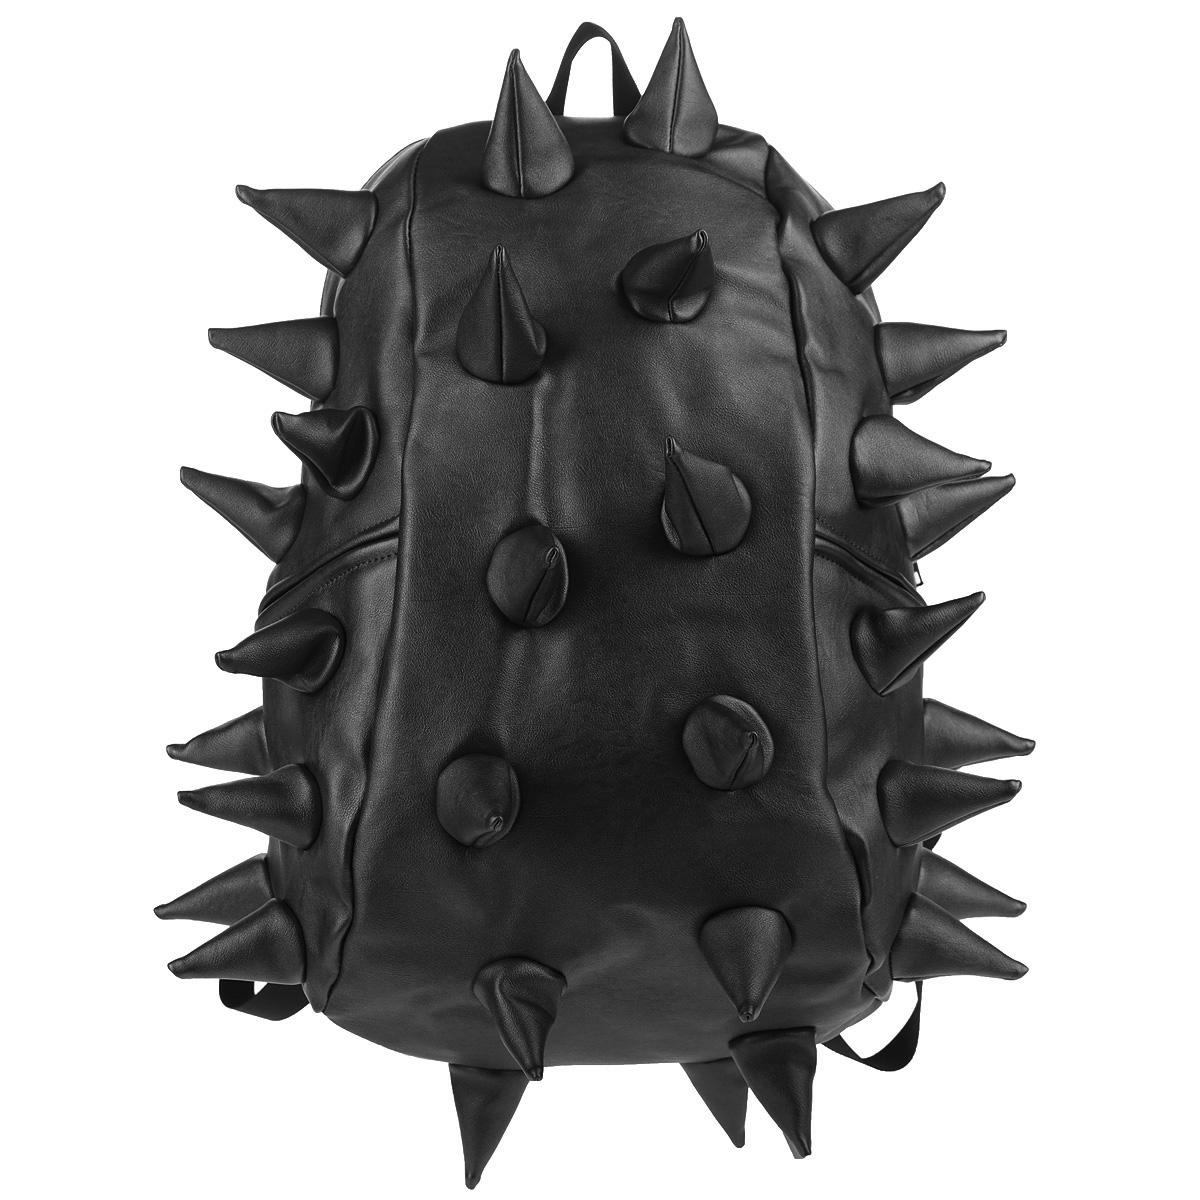 """Рюкзак городской MadPax Rex Full. Heavy Metal Spike, цвет: черный, 27 лKZ24483404Городской рюкзак MadPax Rex Full. Heavy Metal Spike - это стильный и практичный аксессуар, который станет незаменимым в ритме большого города. Верх рюкзака выполнен из 100% полиуретана с эффектом металлического глянца, шипы придают изделию неповторимый дизайн. Подкладка изготовлена из нейлона. Рюкзак имеет одно основное отделение на застежке-молнии. Размер Full позволяет поместить внутрь ноутбук с диагональю экрана 17"""", для этого предусмотрен специальный отдел с мягкими стенками, закрывающийся хлястиком на липучку. Также внутри содержится небольшой карман на молнии. Снаружи по бокам у рюкзака два кармана на молнии для разных мелочей. Сзади расположен кармашек из прозрачного ПВХ для визитки. Модель оснащена ручкой для переноски в руке, а также широкими плечевыми лямками с многослойной структурой, которые можно регулировать по длине. Специальная застежка-крепление соединяет и фиксирует лямки в районе груди, это позволяет равномерно распределить нагрузку на плечи и спину..."""